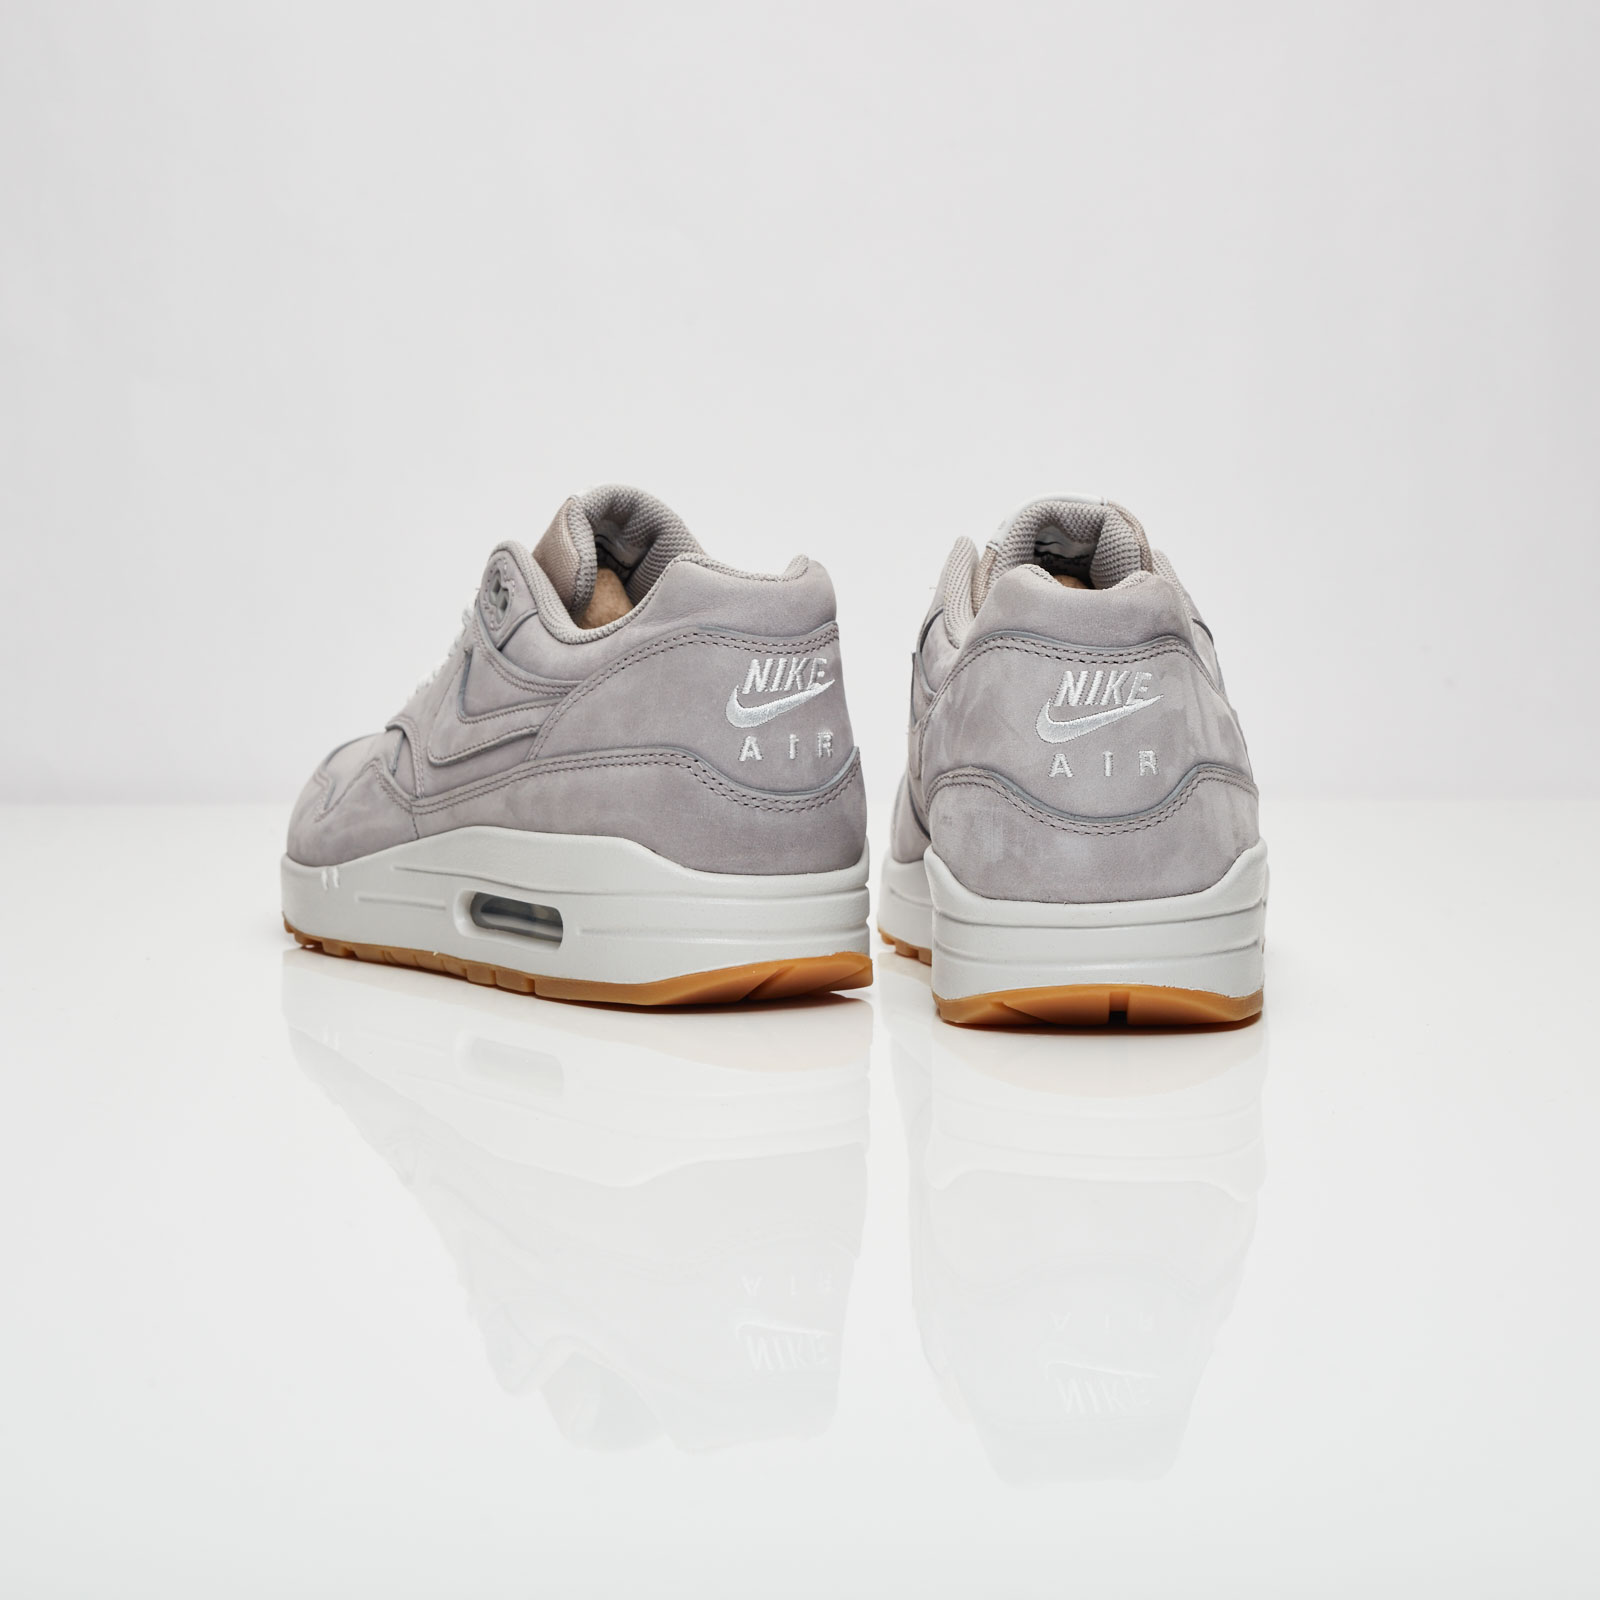 Nike Air Max 1 LTR Premium - 705282-005 - SNS | sneakers ...